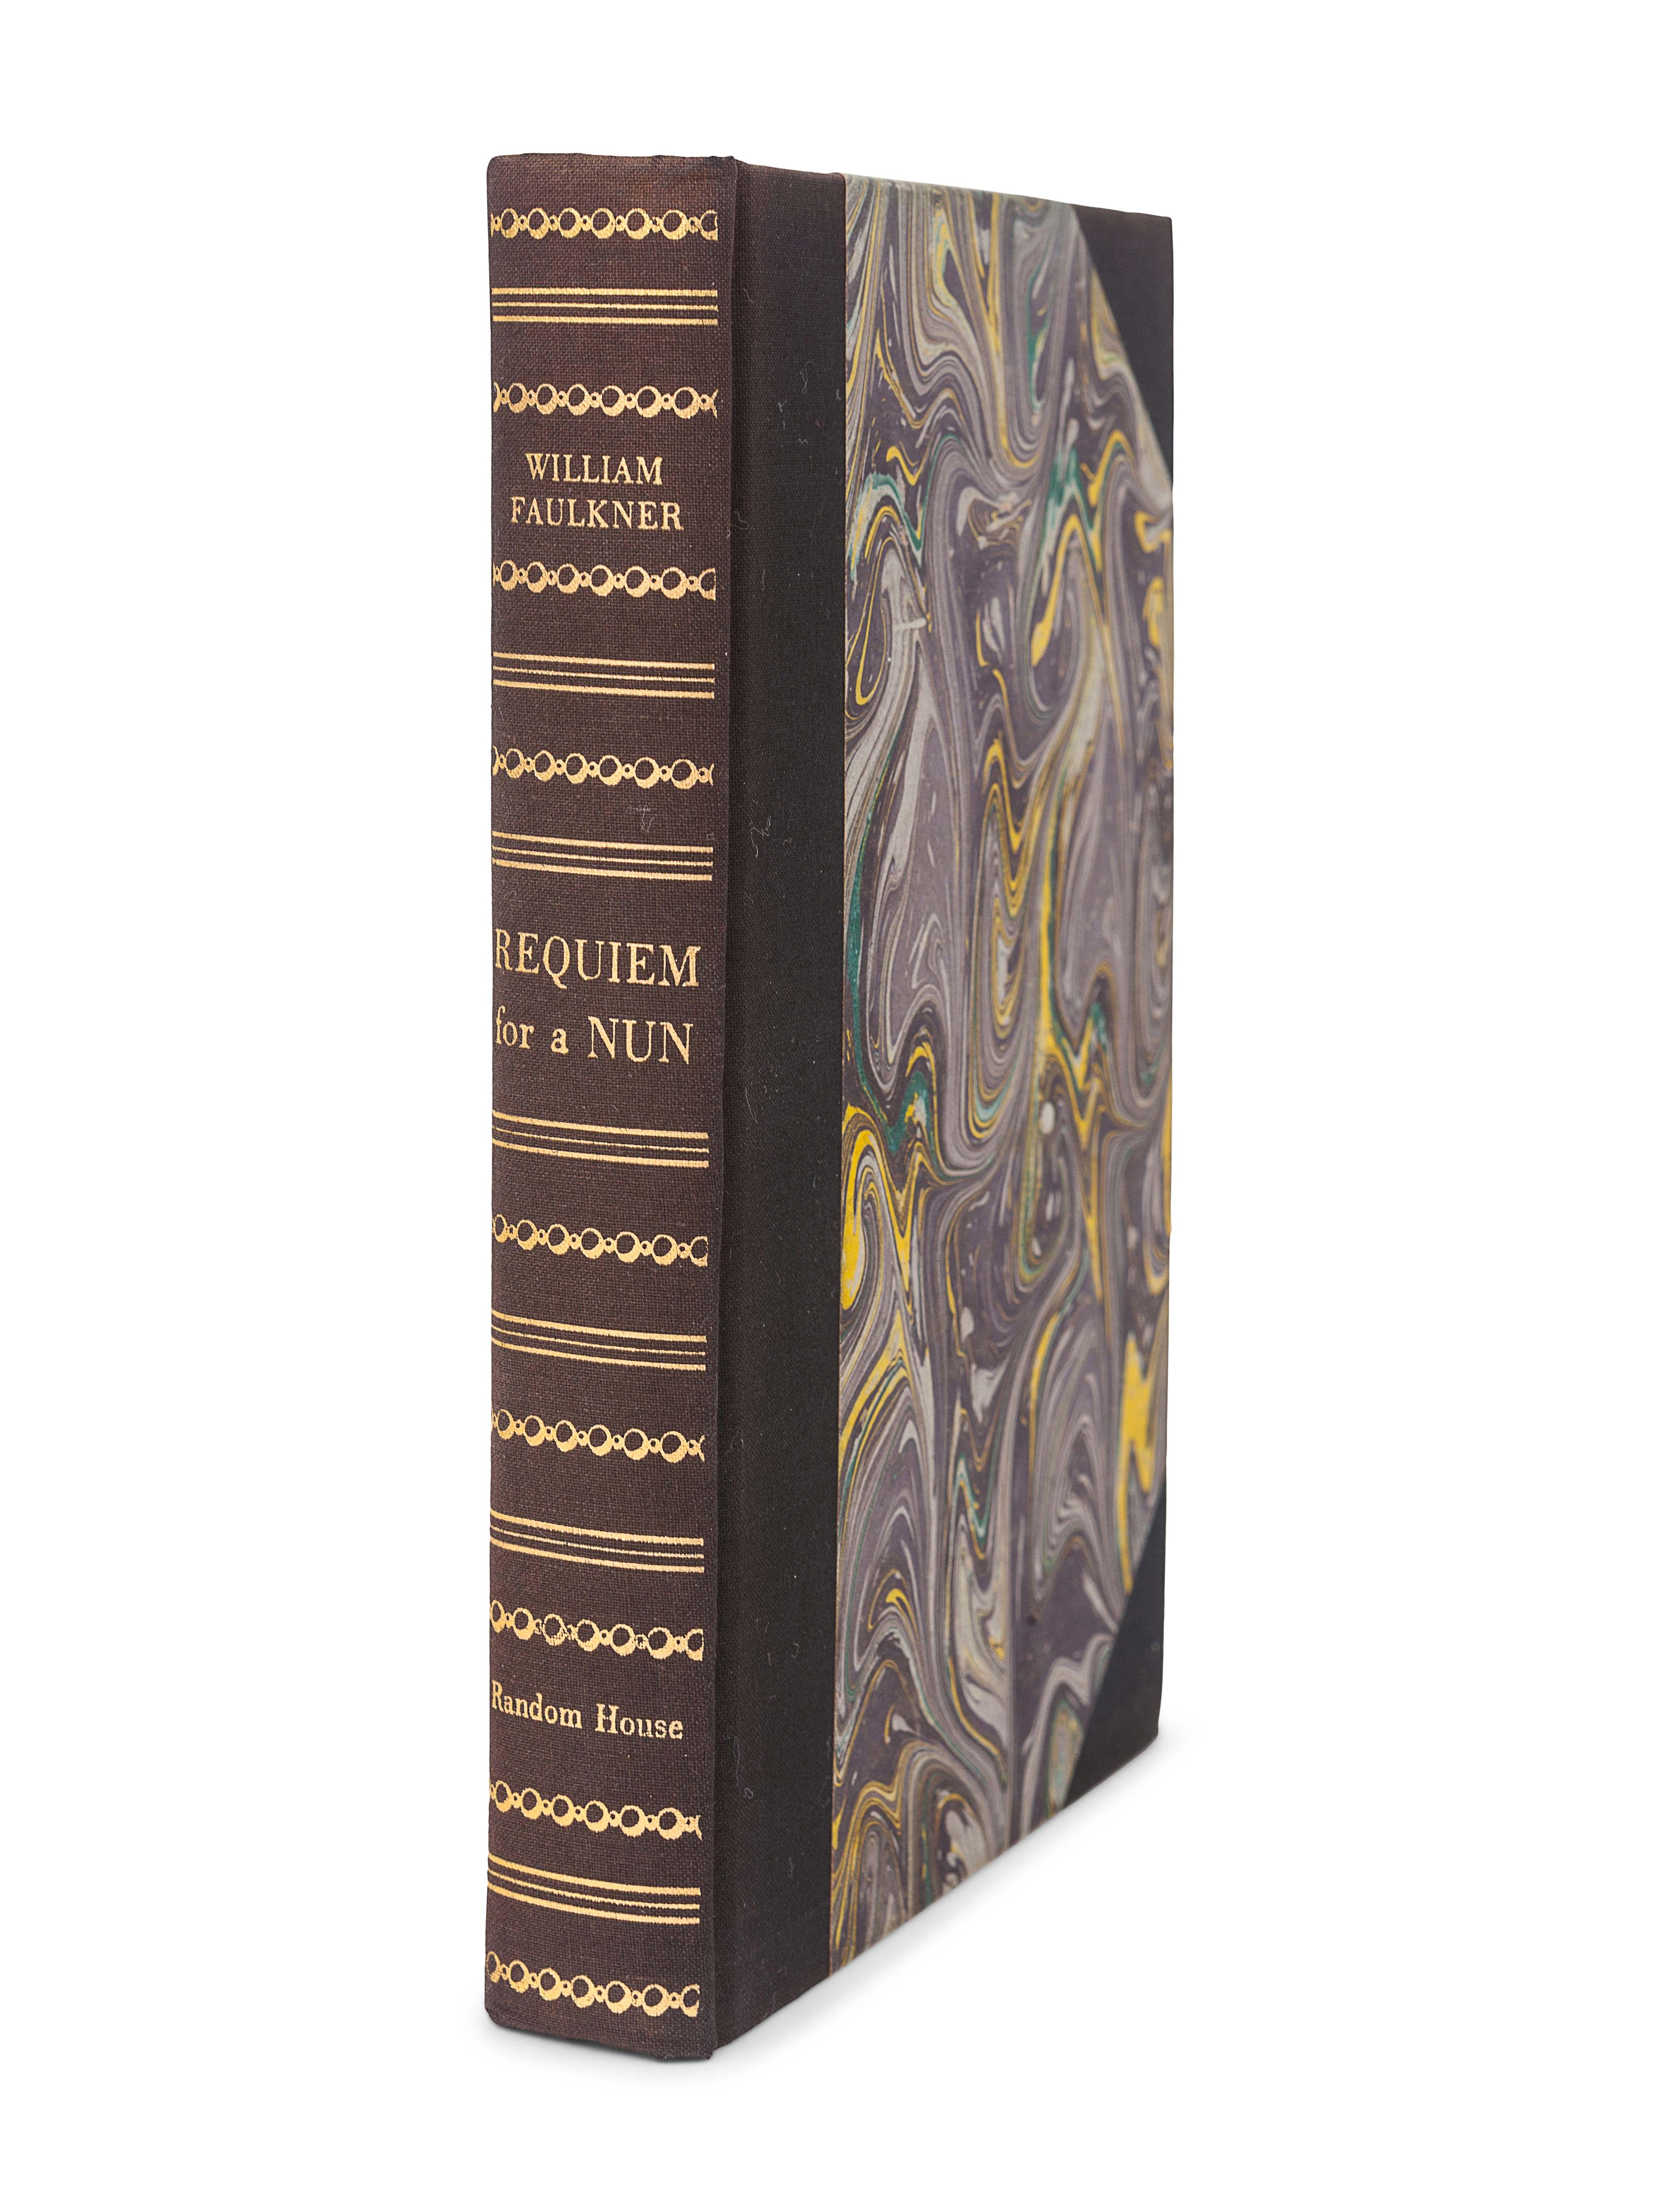 FAULKNER, William (1897-1962). Requiem for a Nun. New York: Random House, 1951. - Image 2 of 3